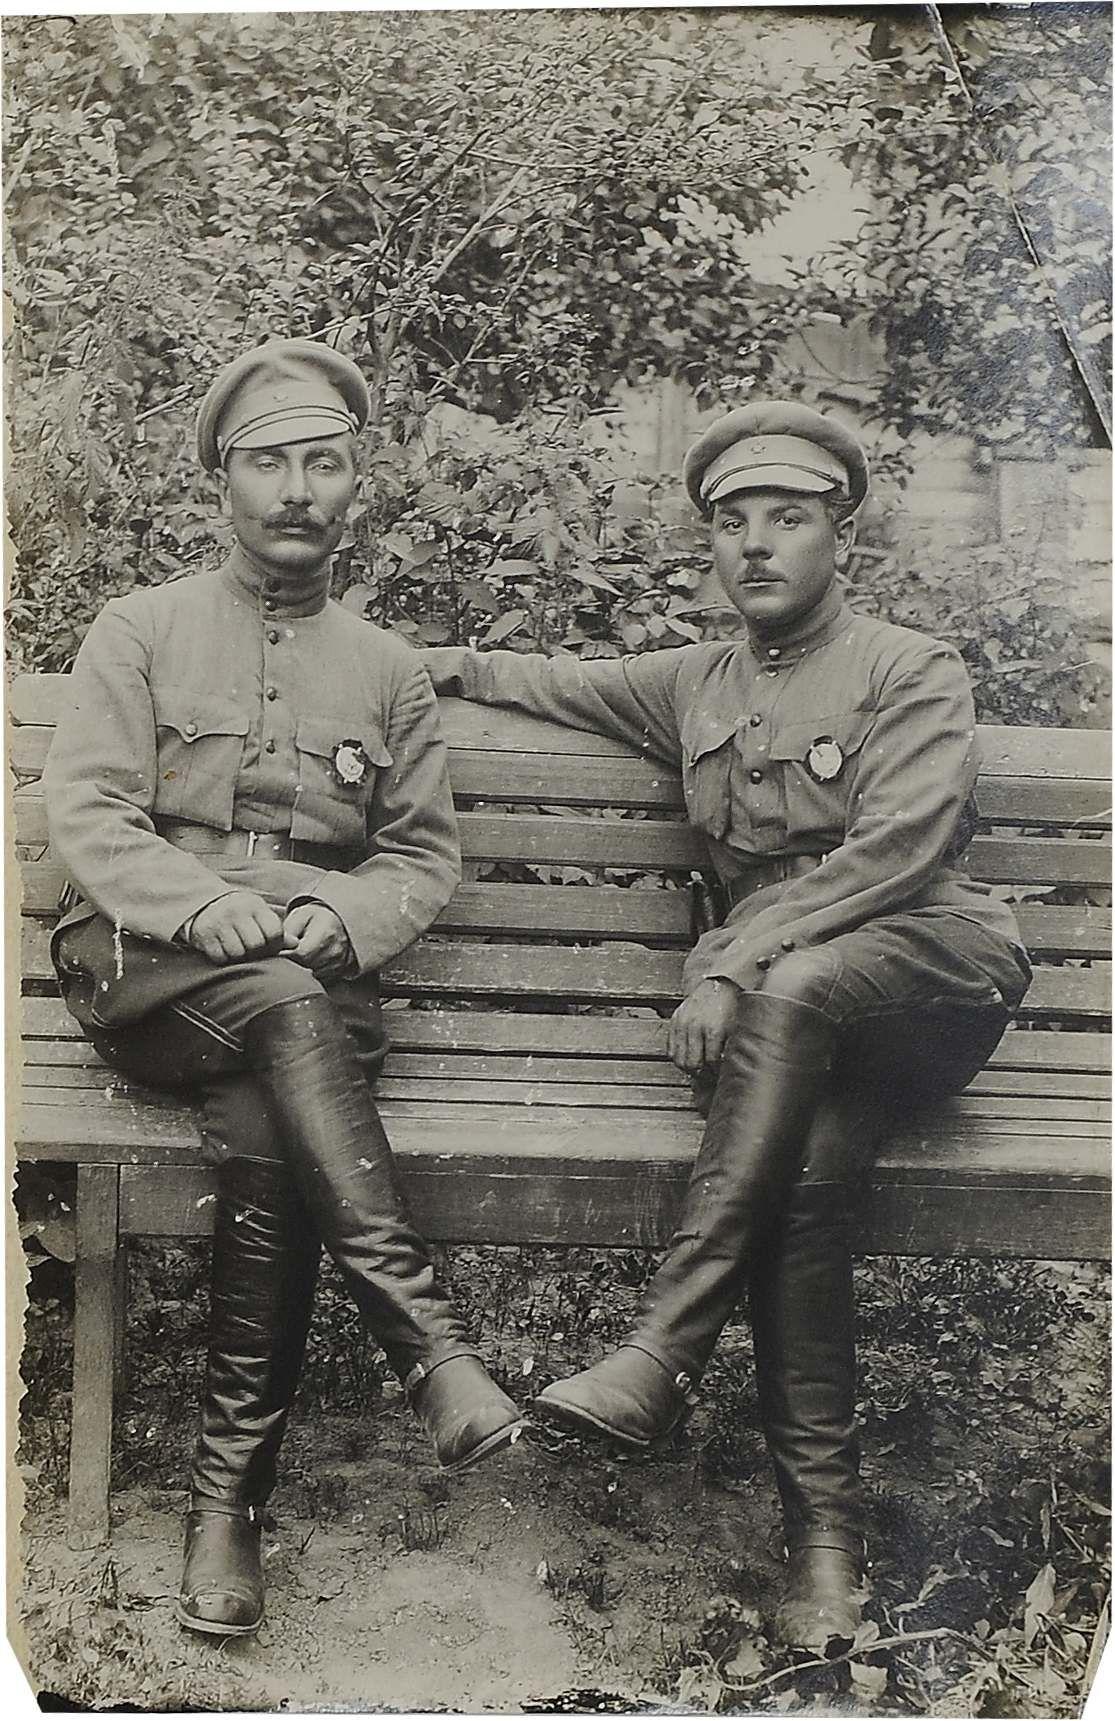 1920-е. Фото командующего и члена Реввоенсовета 1-й Конной армии С. М. Буденного и К. Е. Ворошилова. 1920-е. М. Буденного и К. Е. Ворошилова